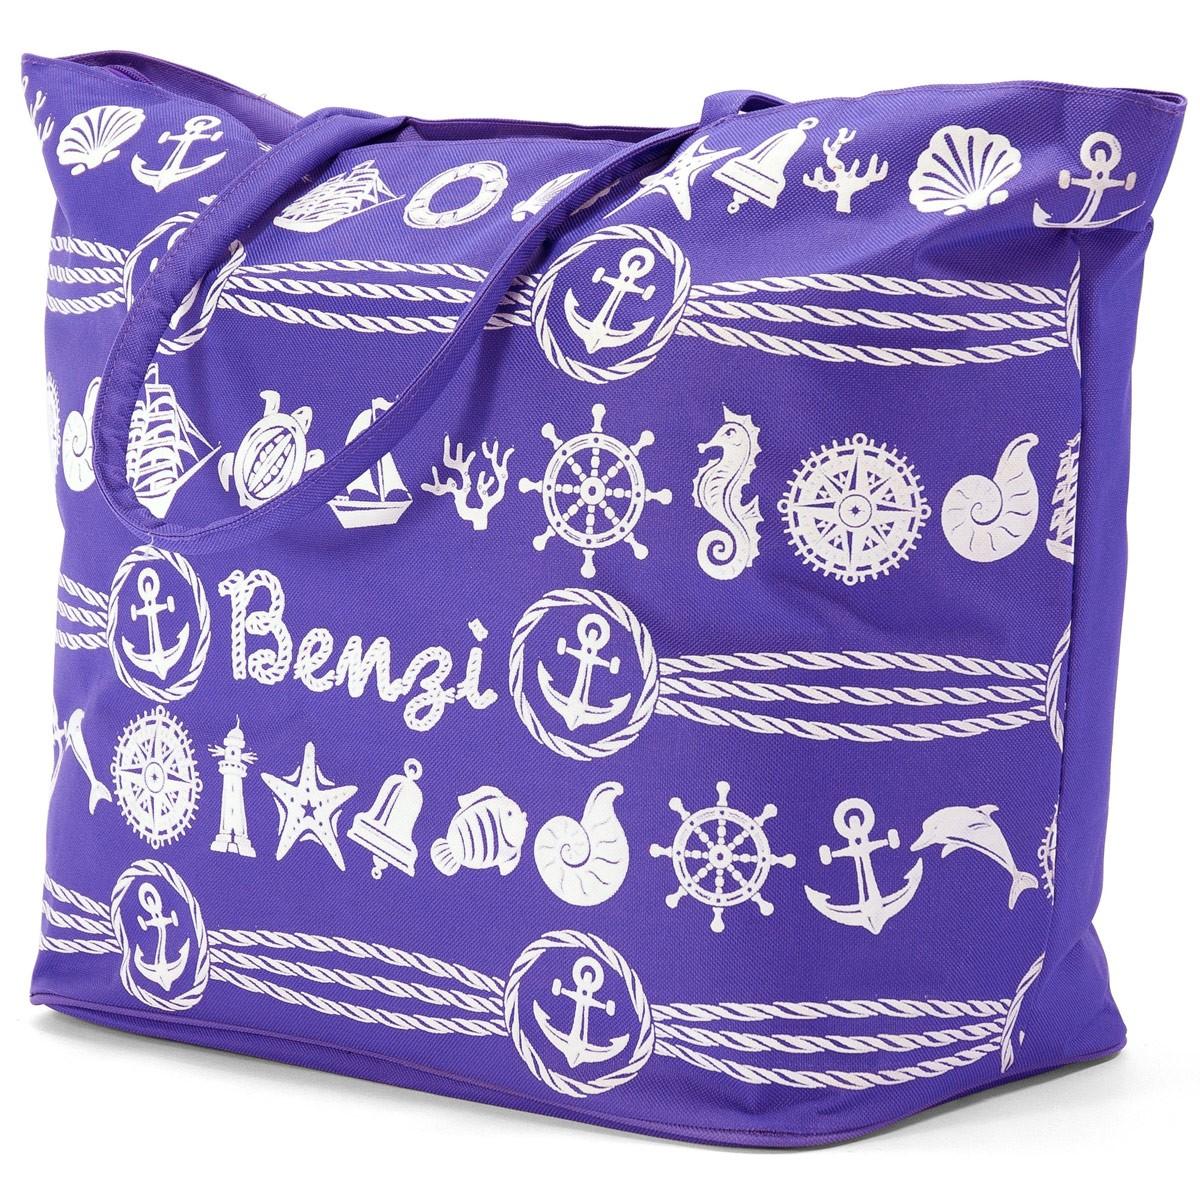 Τσάντα Παραλίας Benzi 4998 Purple home   θαλάσσης   τσάντες παραλίας